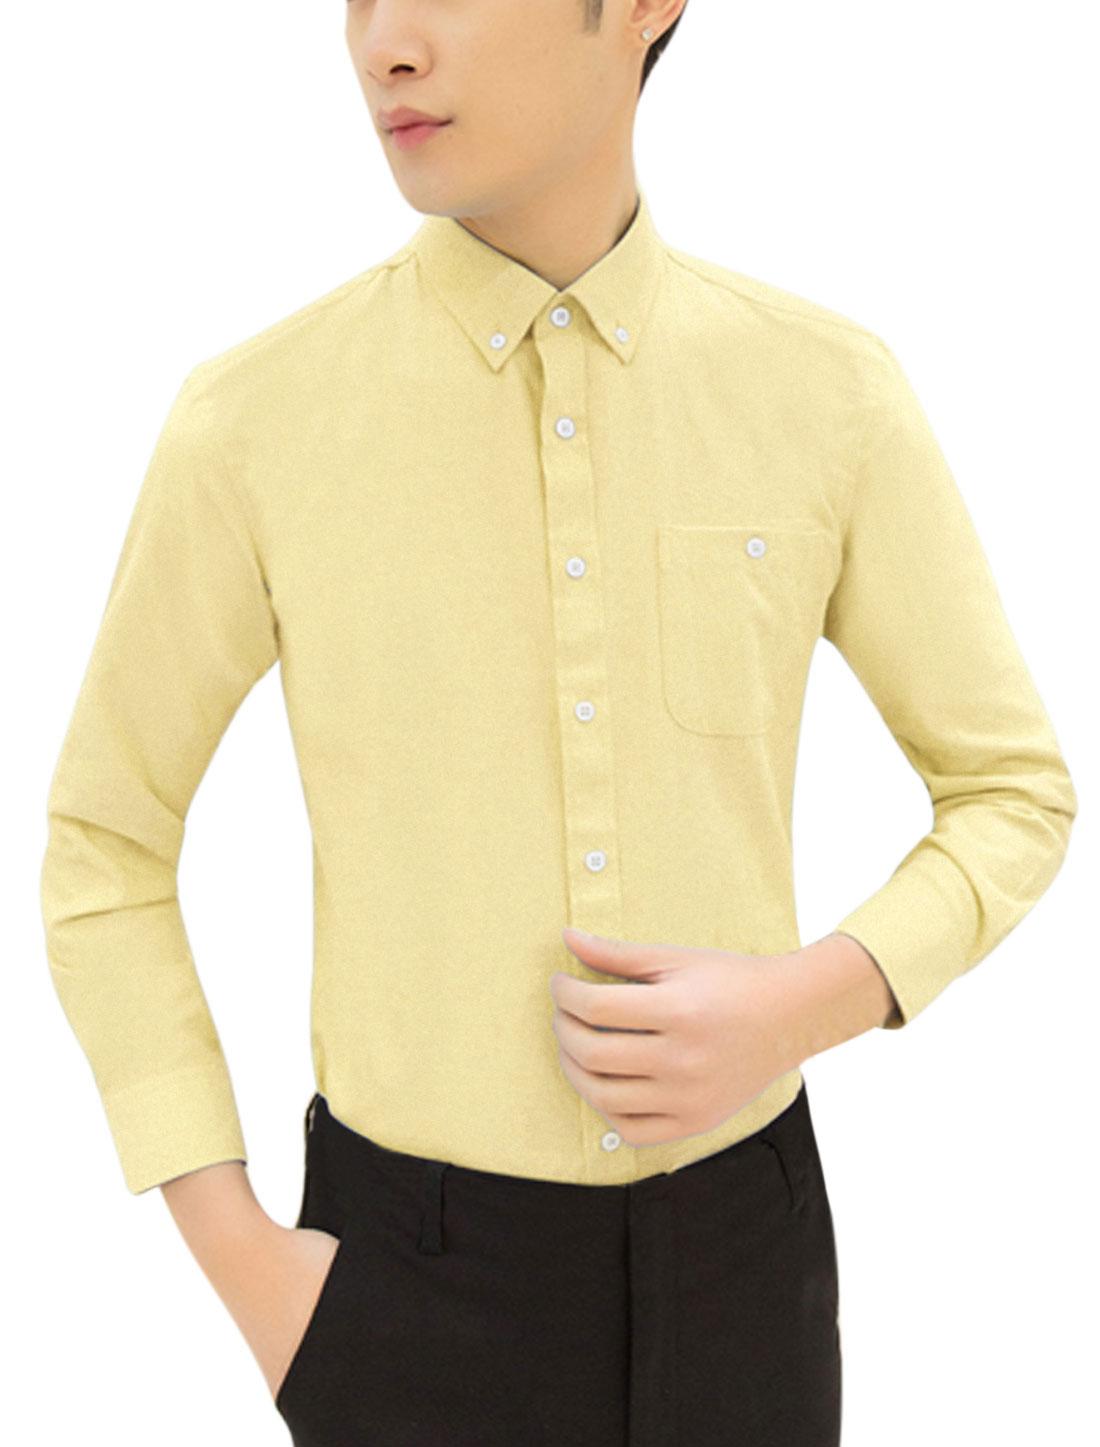 Men Long Sleeve Pocket Button Down Relaxed Tops Shirt Light Yellow M